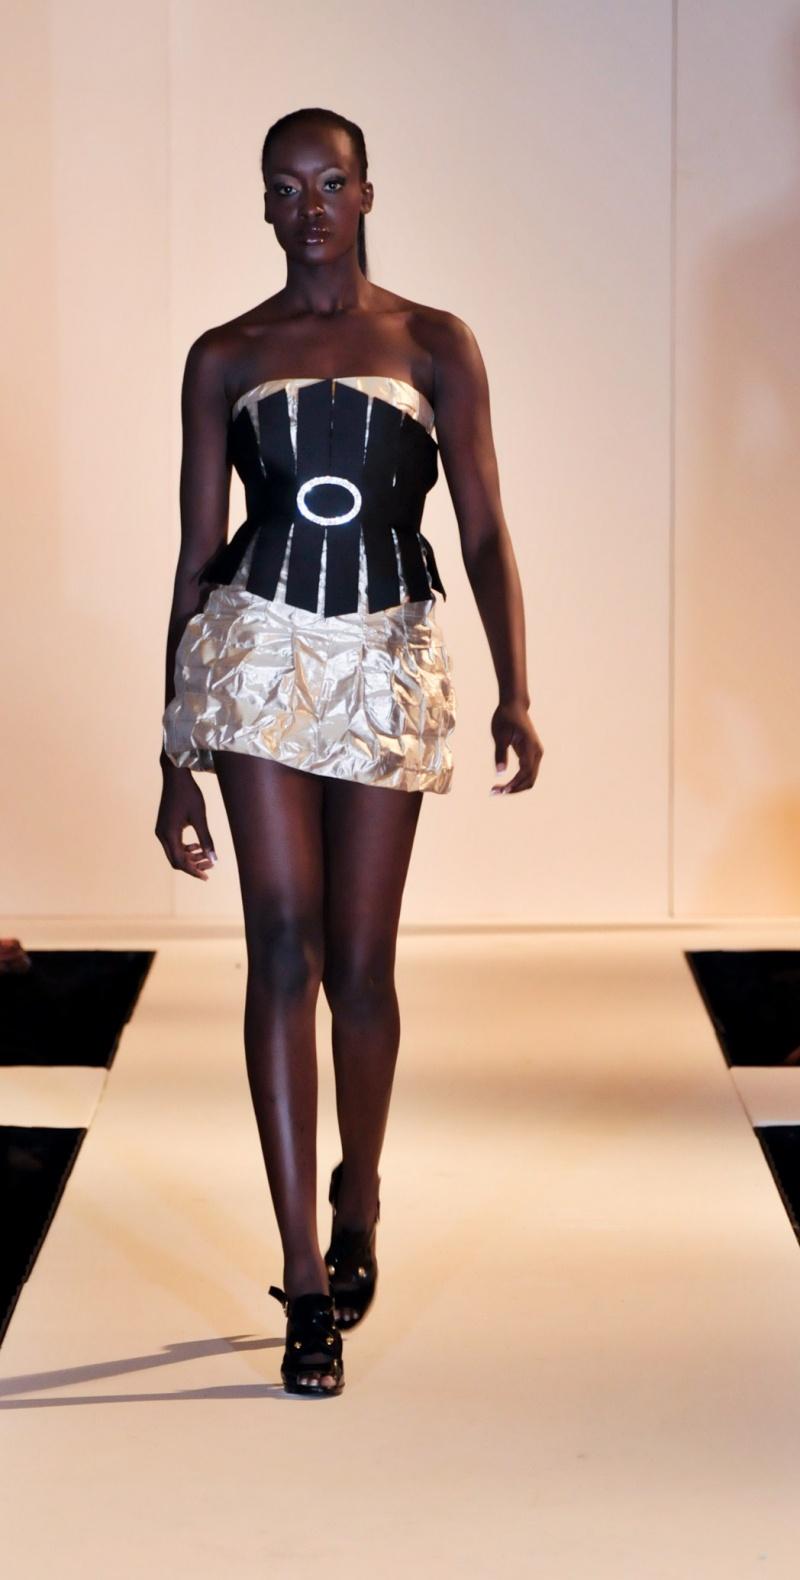 DC Jan 17, 2010 DC Fashion Week